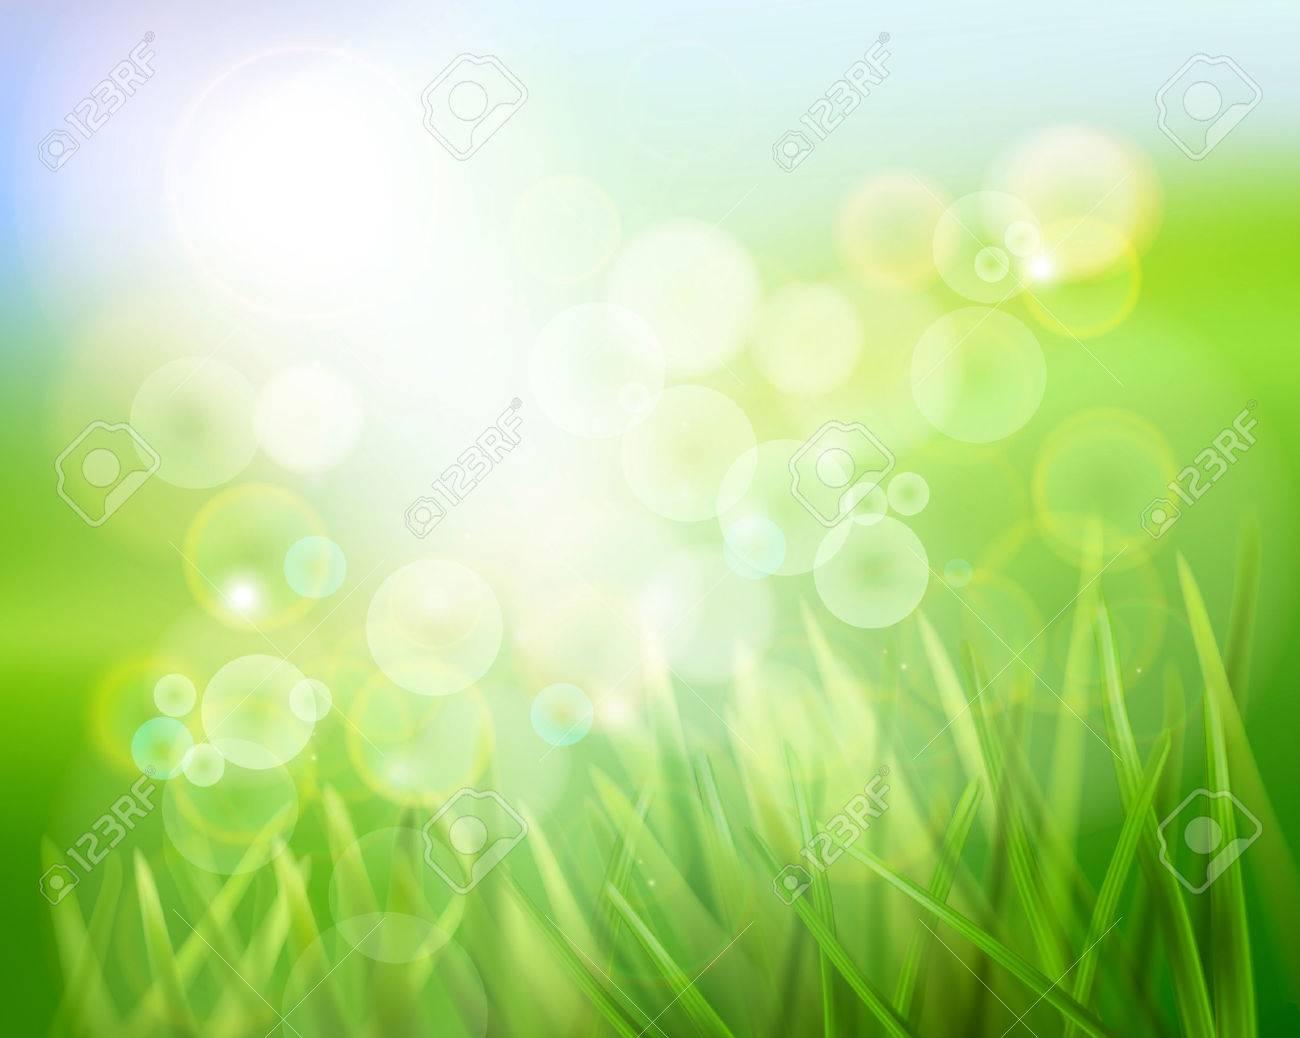 Grass in sunlight. Vector illustration. - 35999361